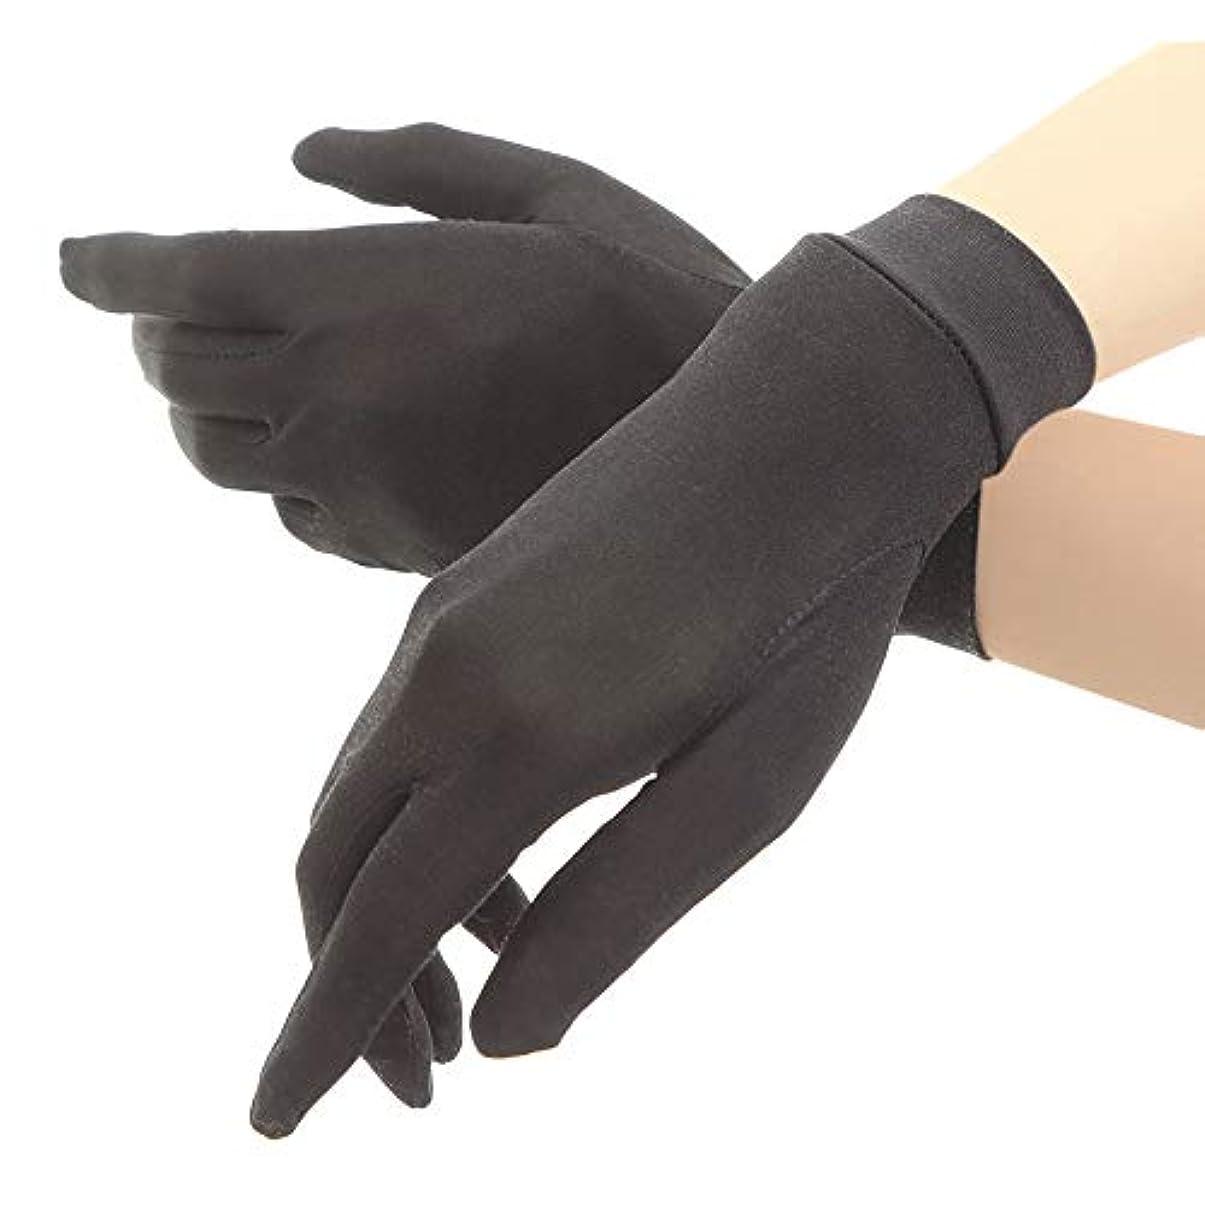 見積り仲介者元のシルク手袋 レディース 手袋 シルク 絹 ハンド ケア 保湿 紫外線 肌荒れ 乾燥 サイズアップで手指にマッチ 【macch】